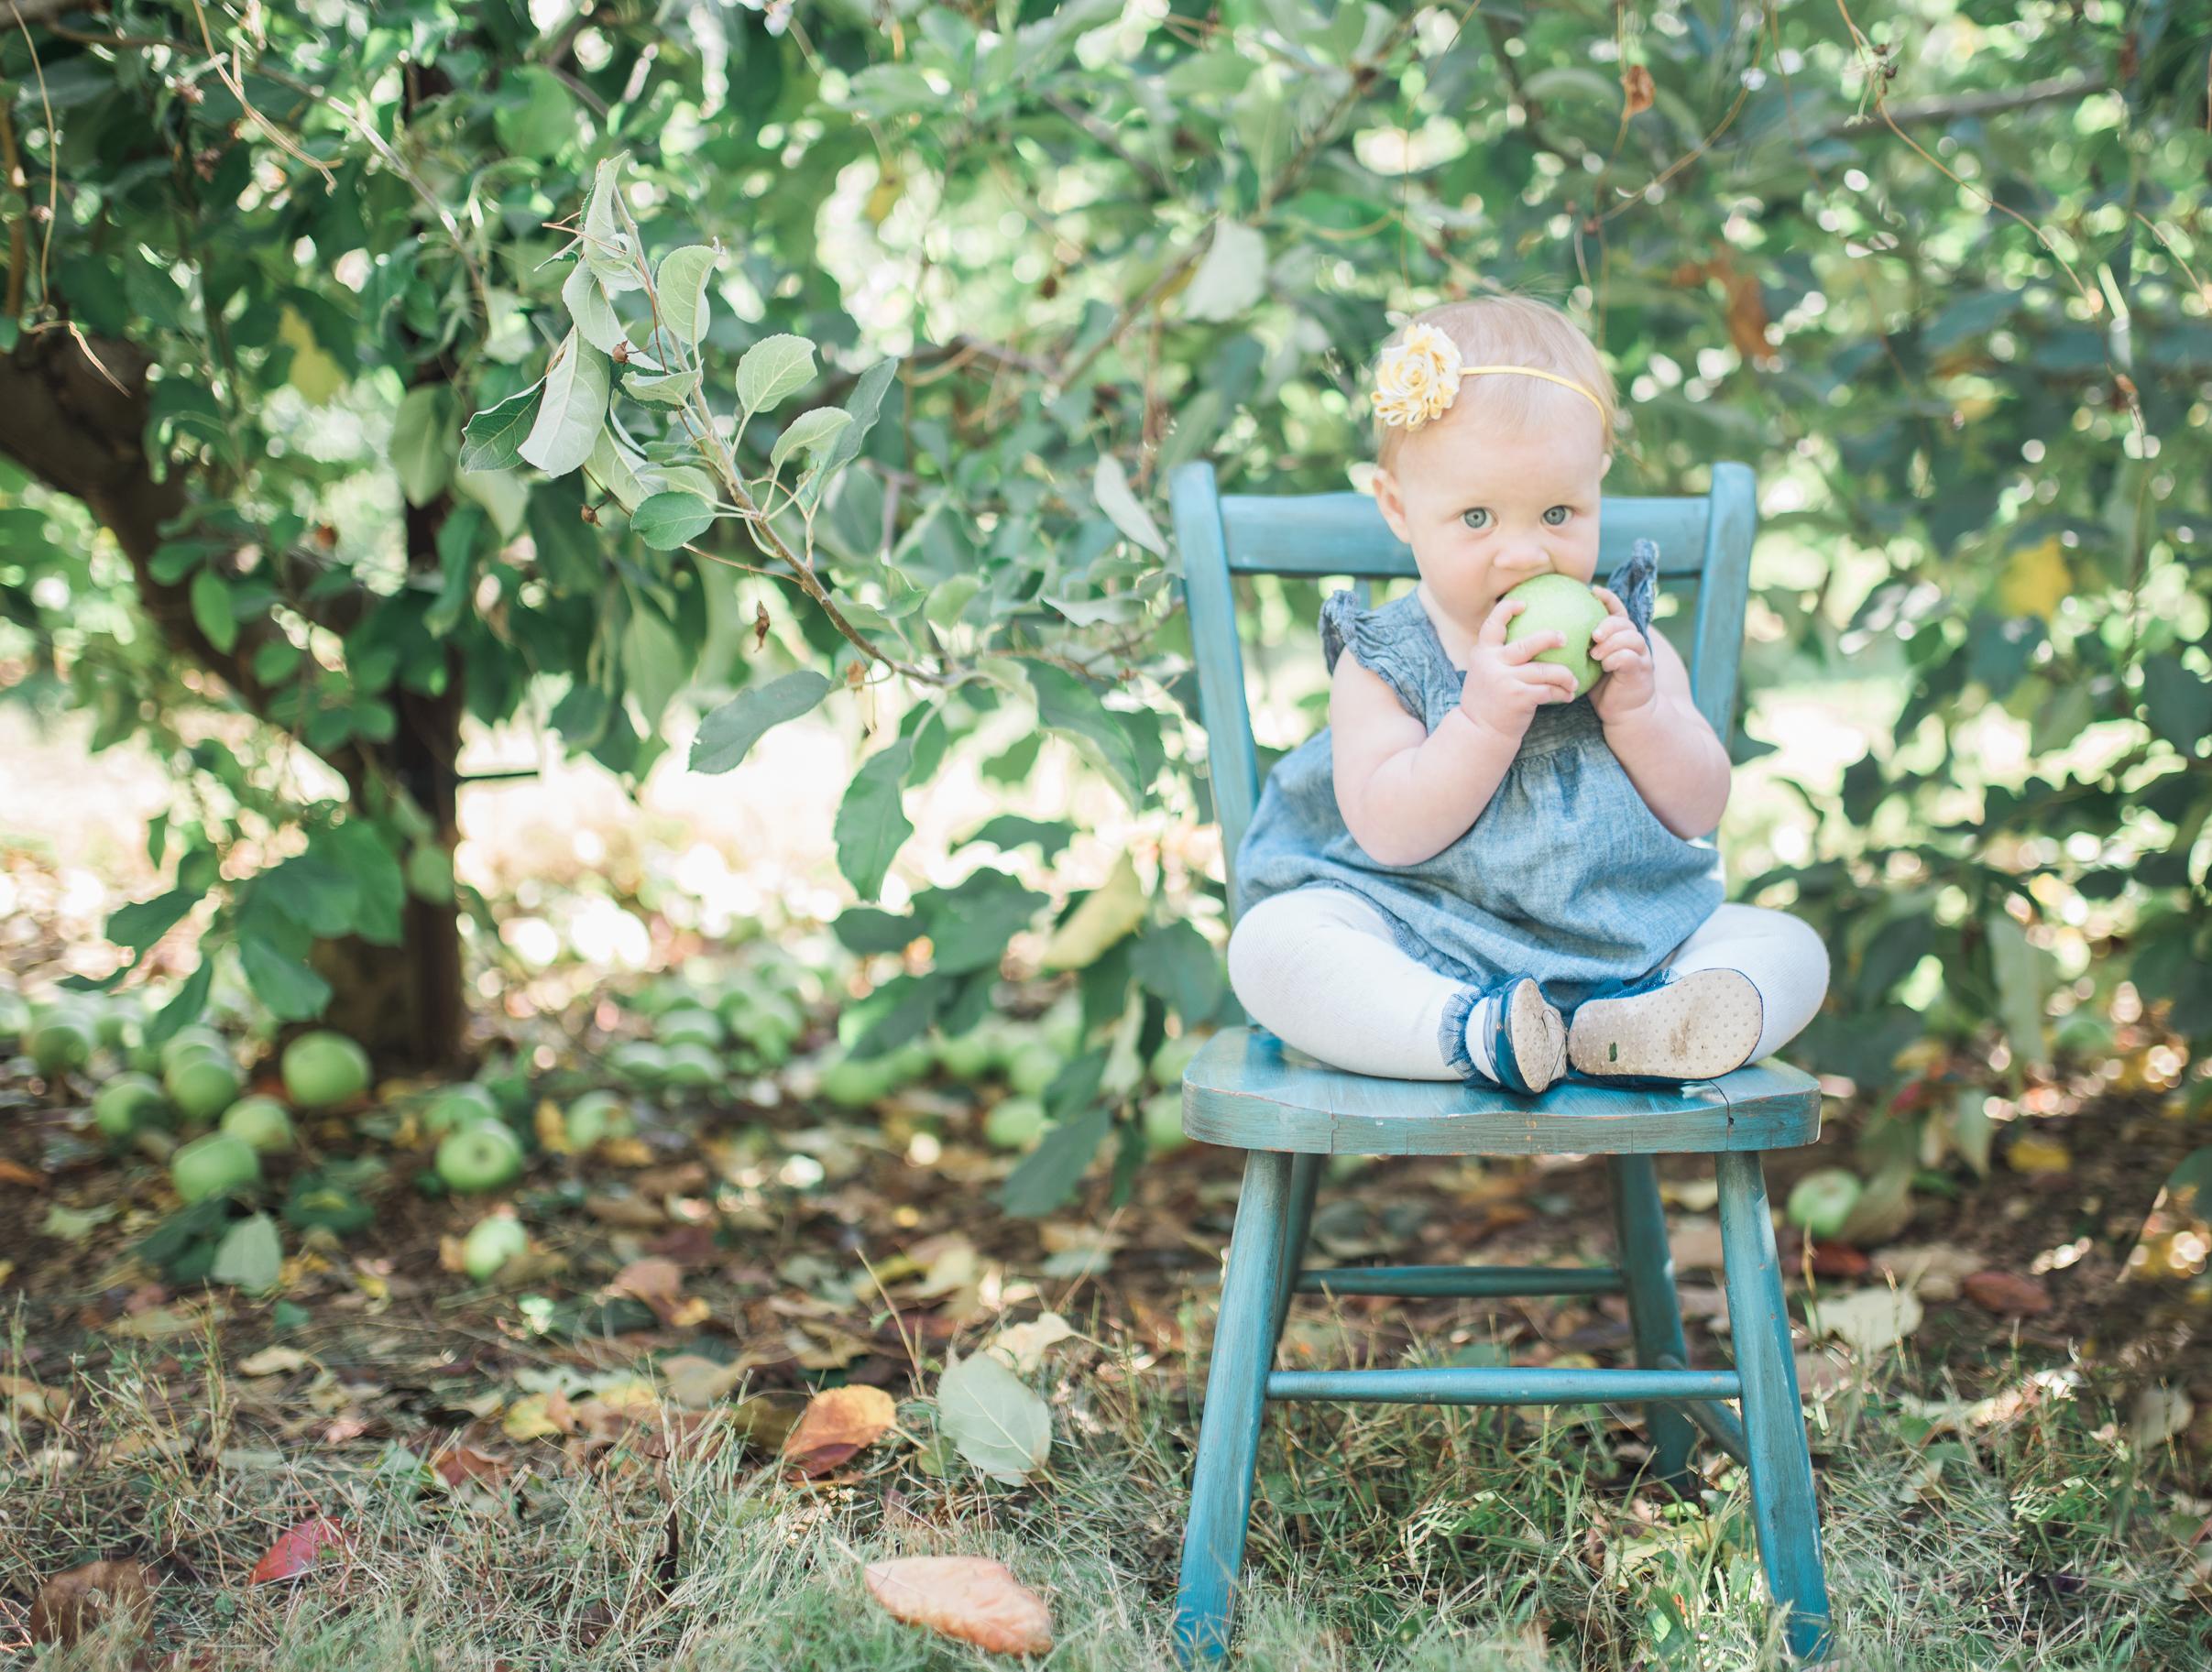 Maryland-family-photographer-lifestyle-photos-by-bklp-breanna-kuhlmann--9.jpg